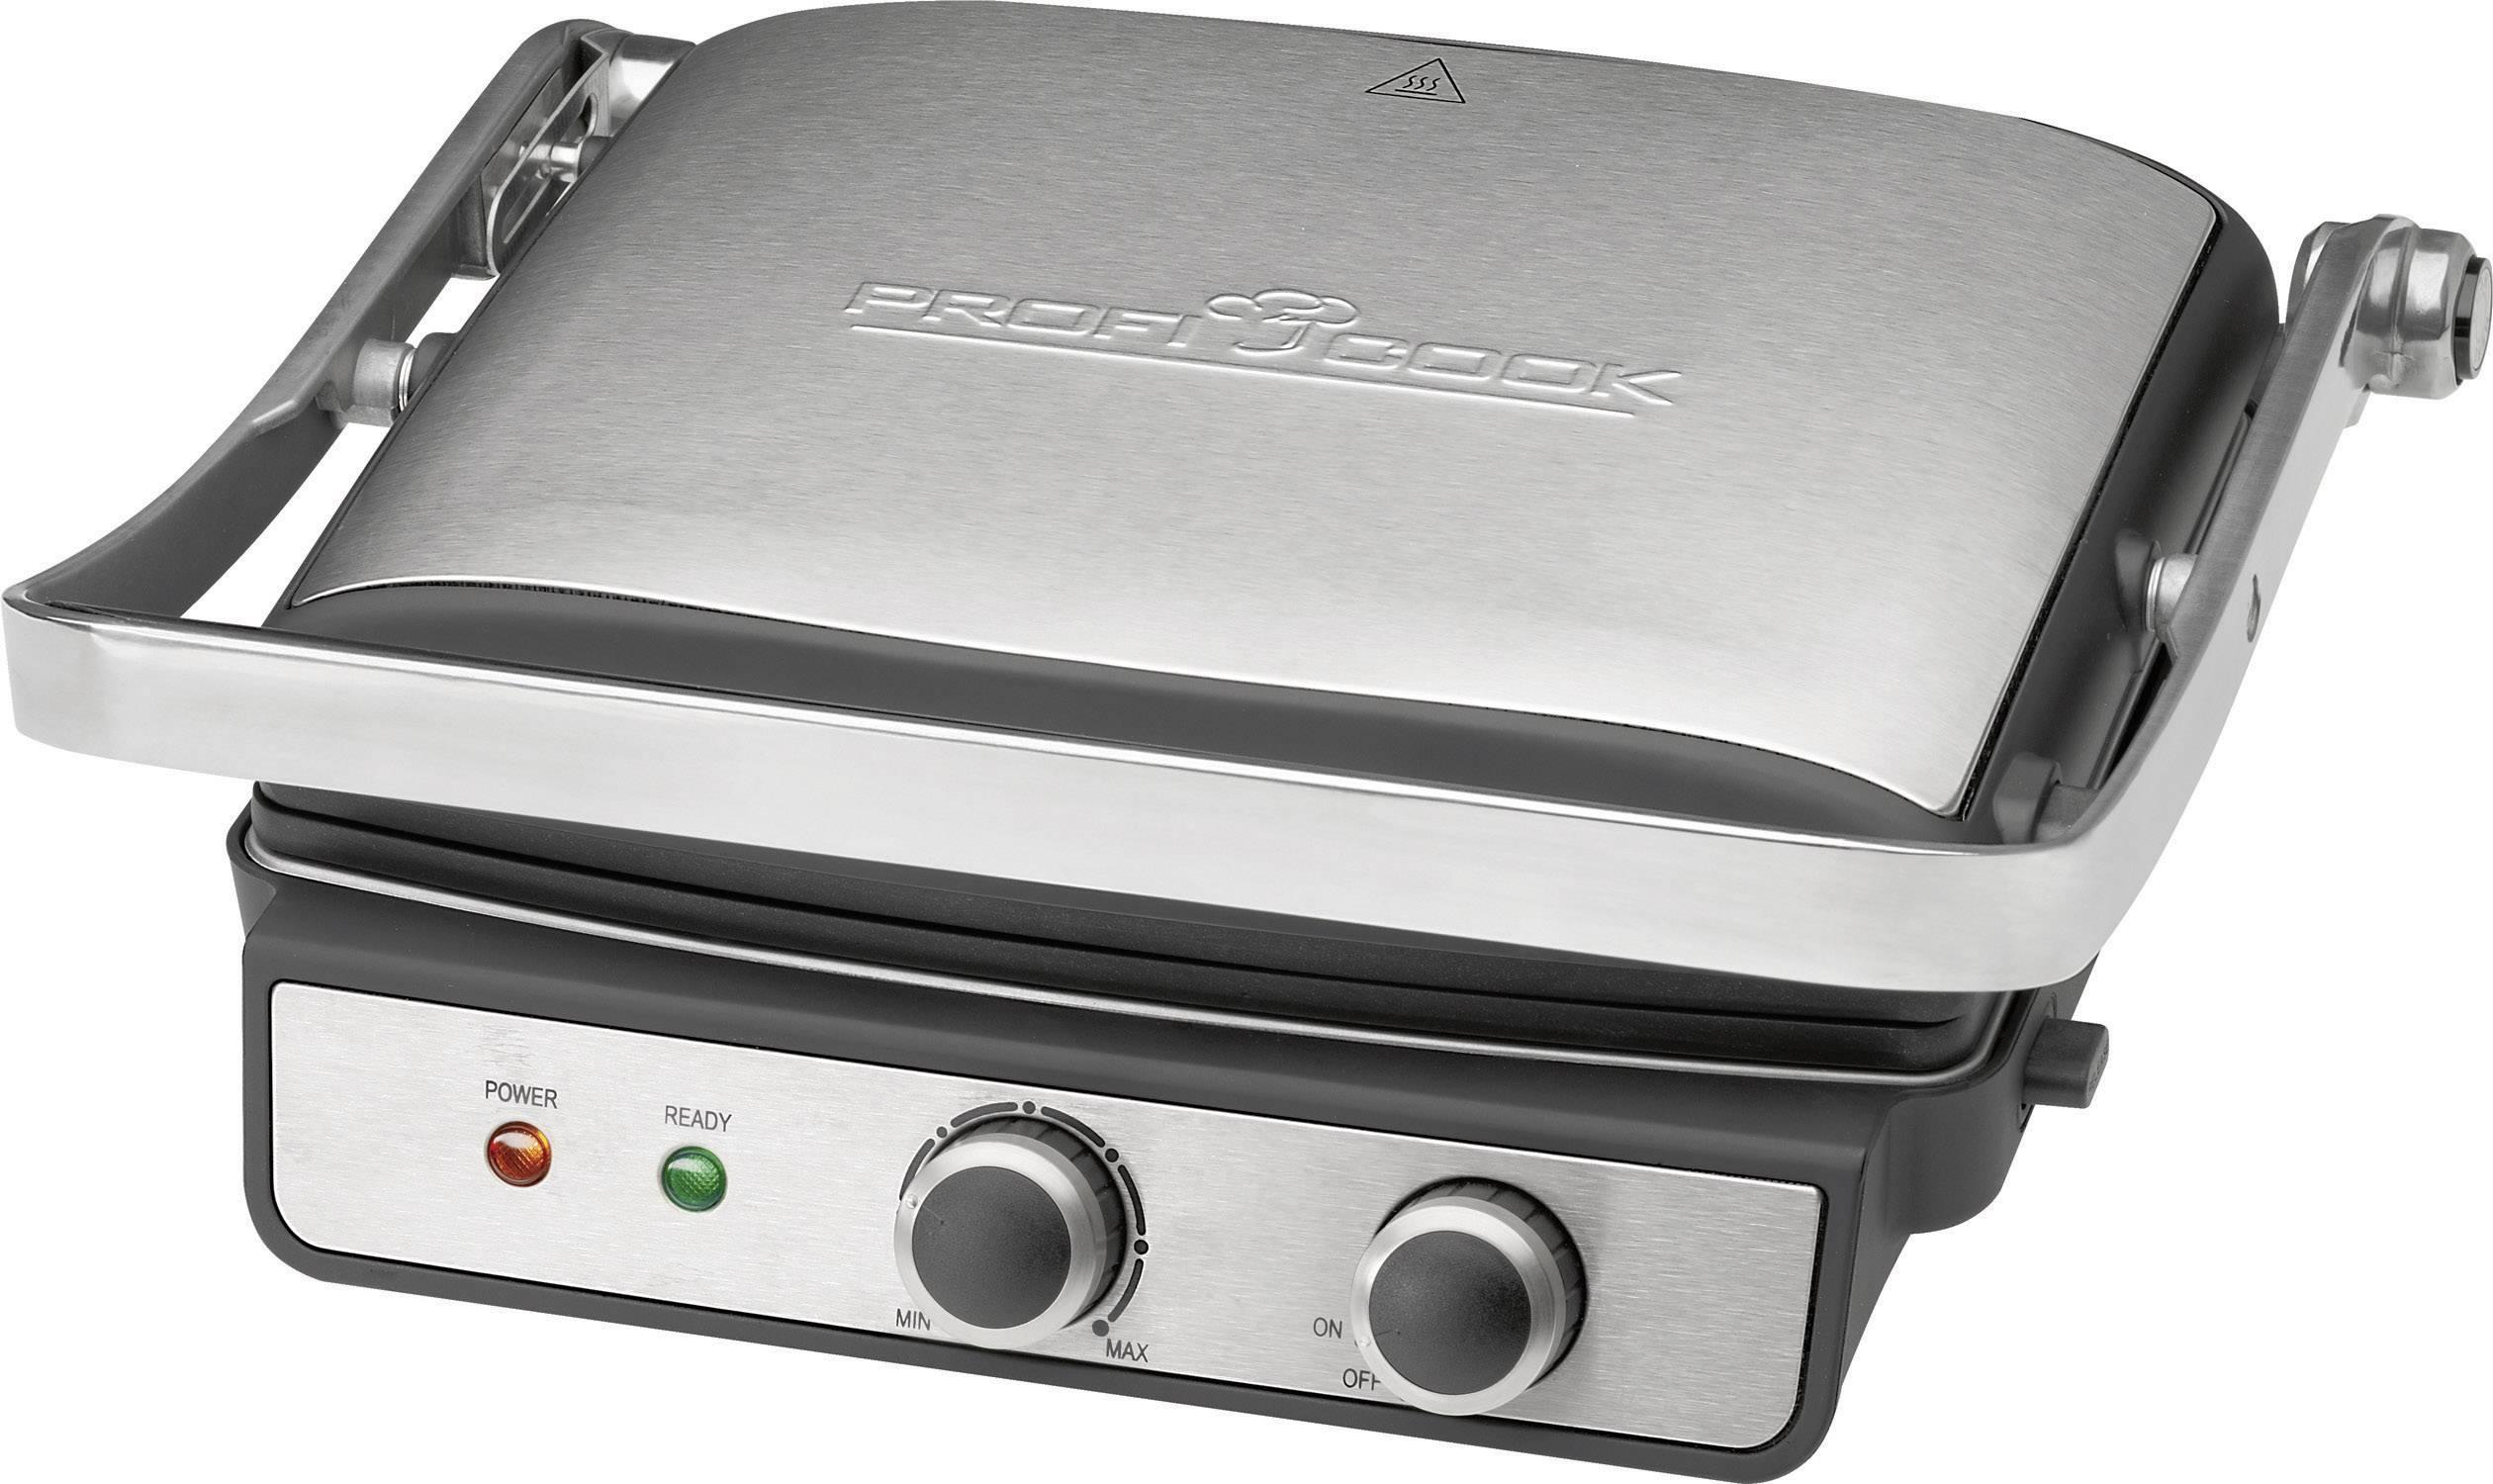 Asztali elektromos grillsütő, kontaktgrill Profi Cook PC ...